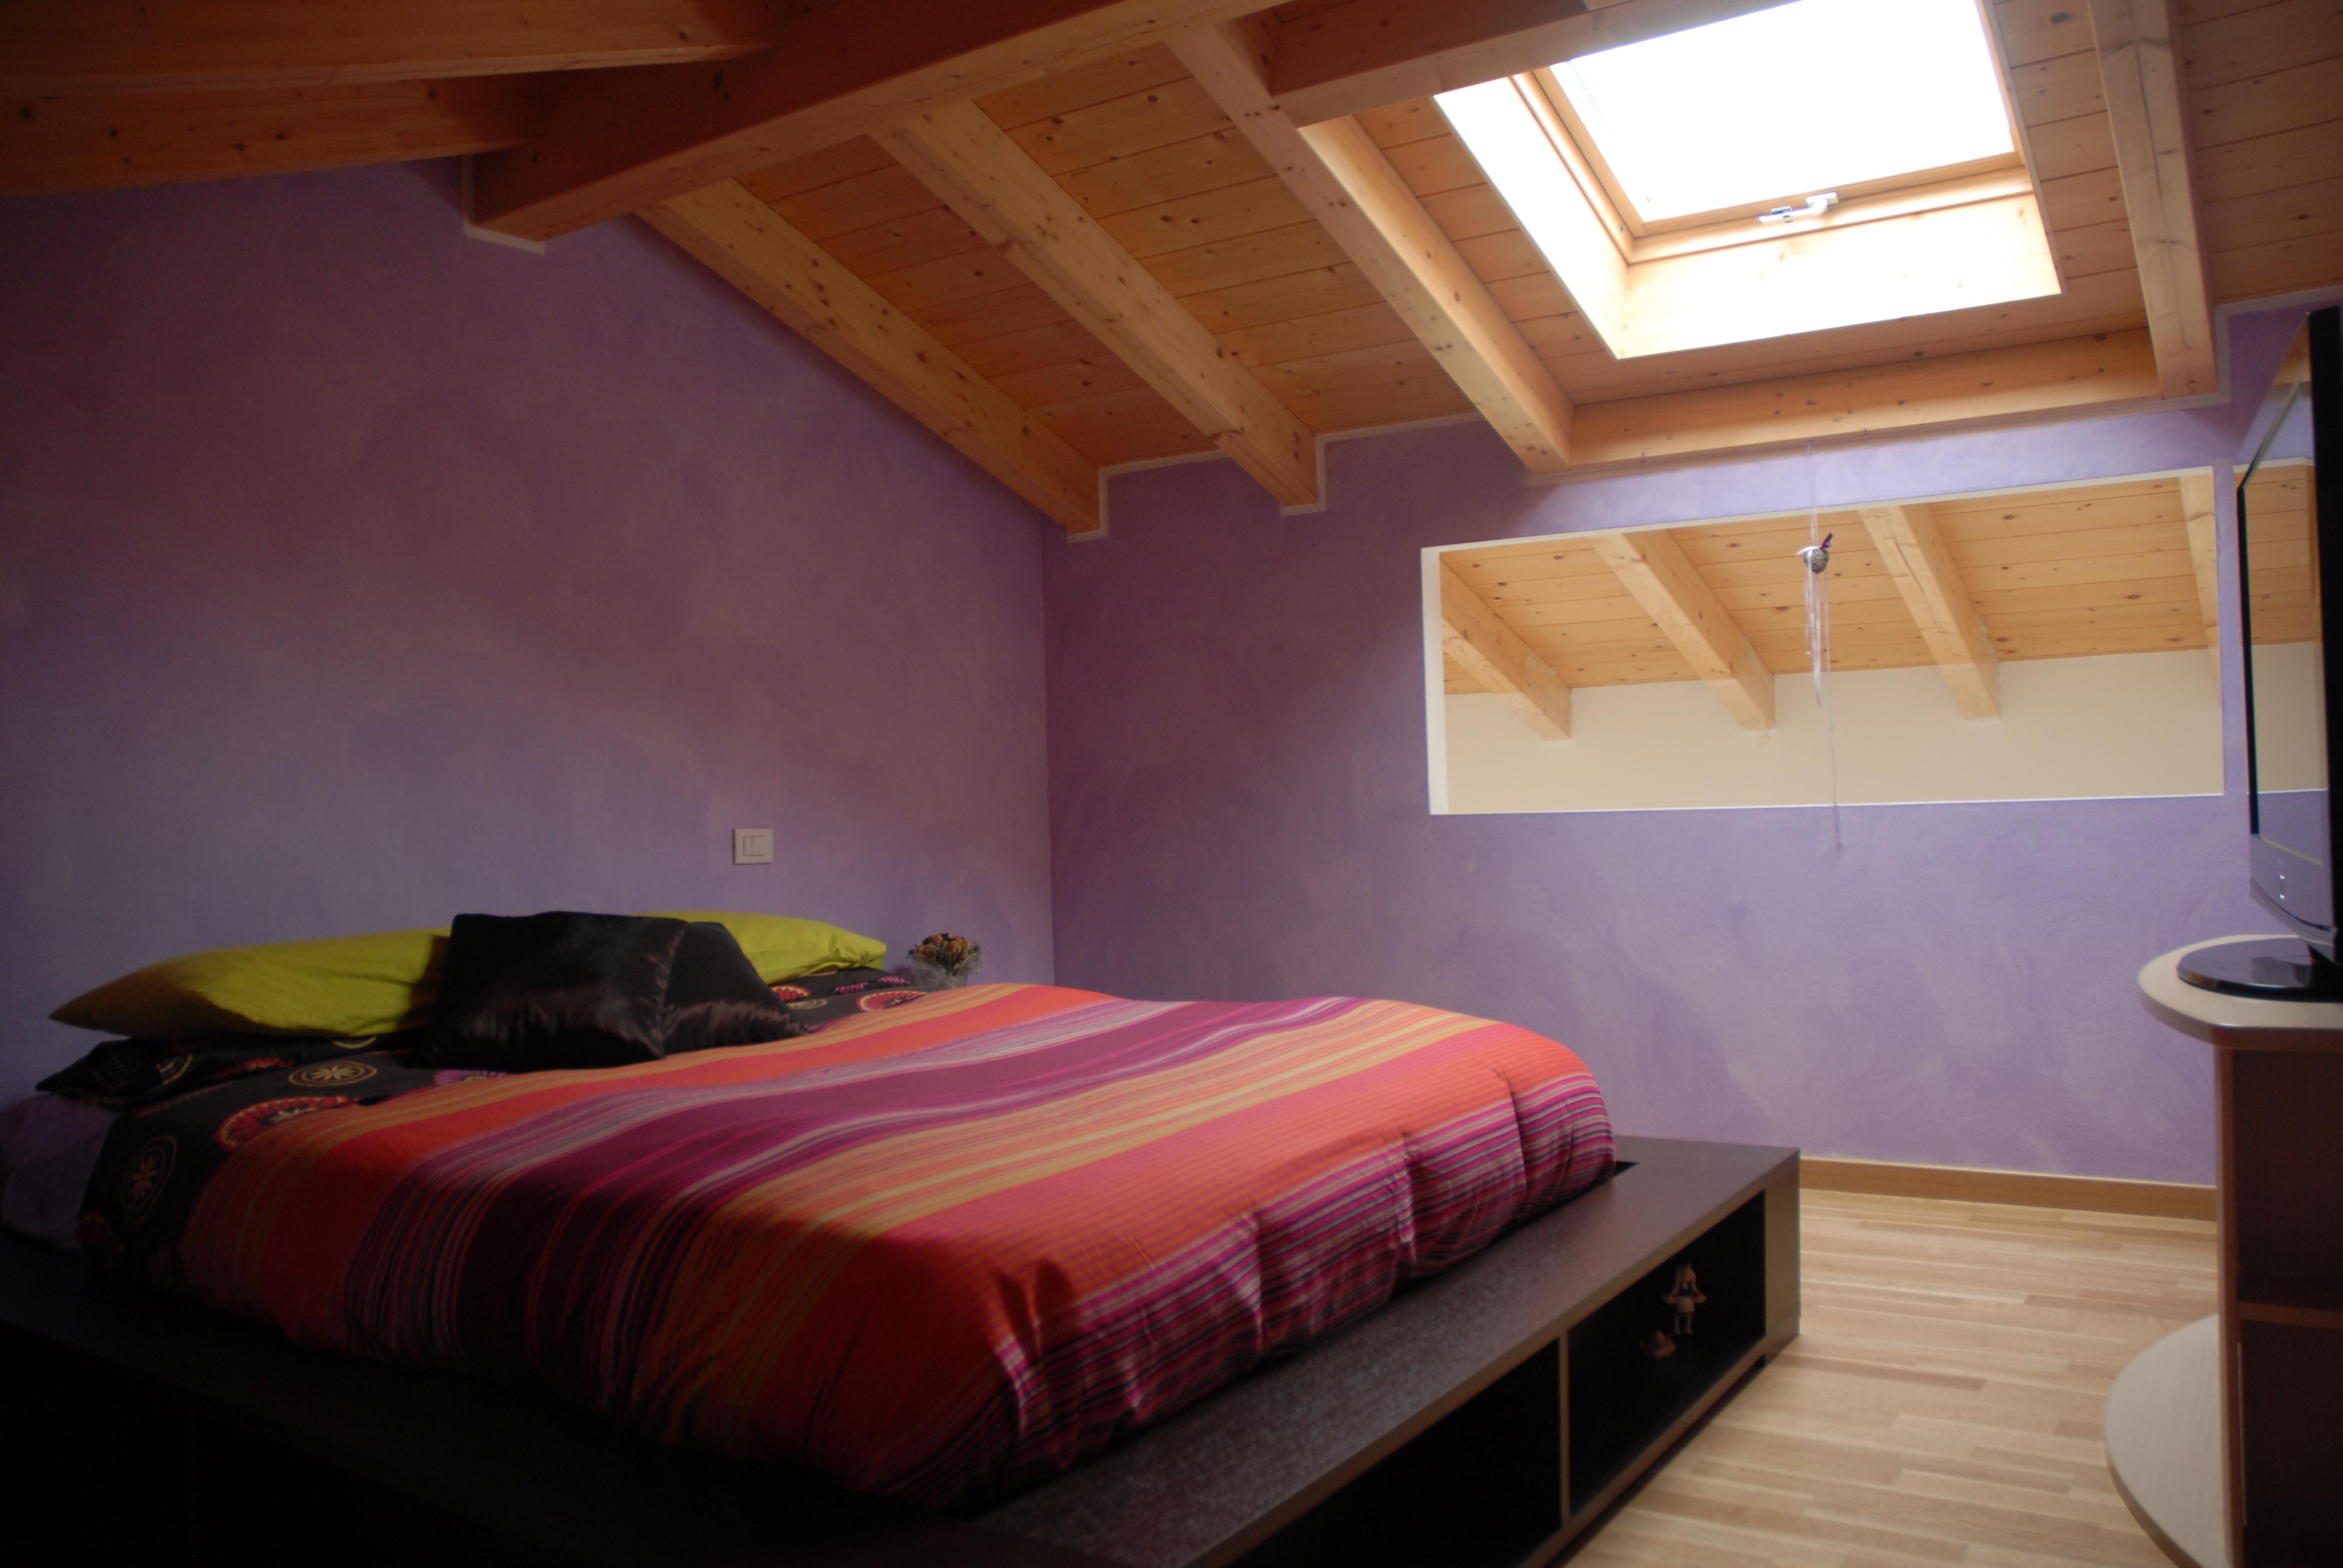 Un restauro tra modernit e tradizione - Costo camere da letto ...